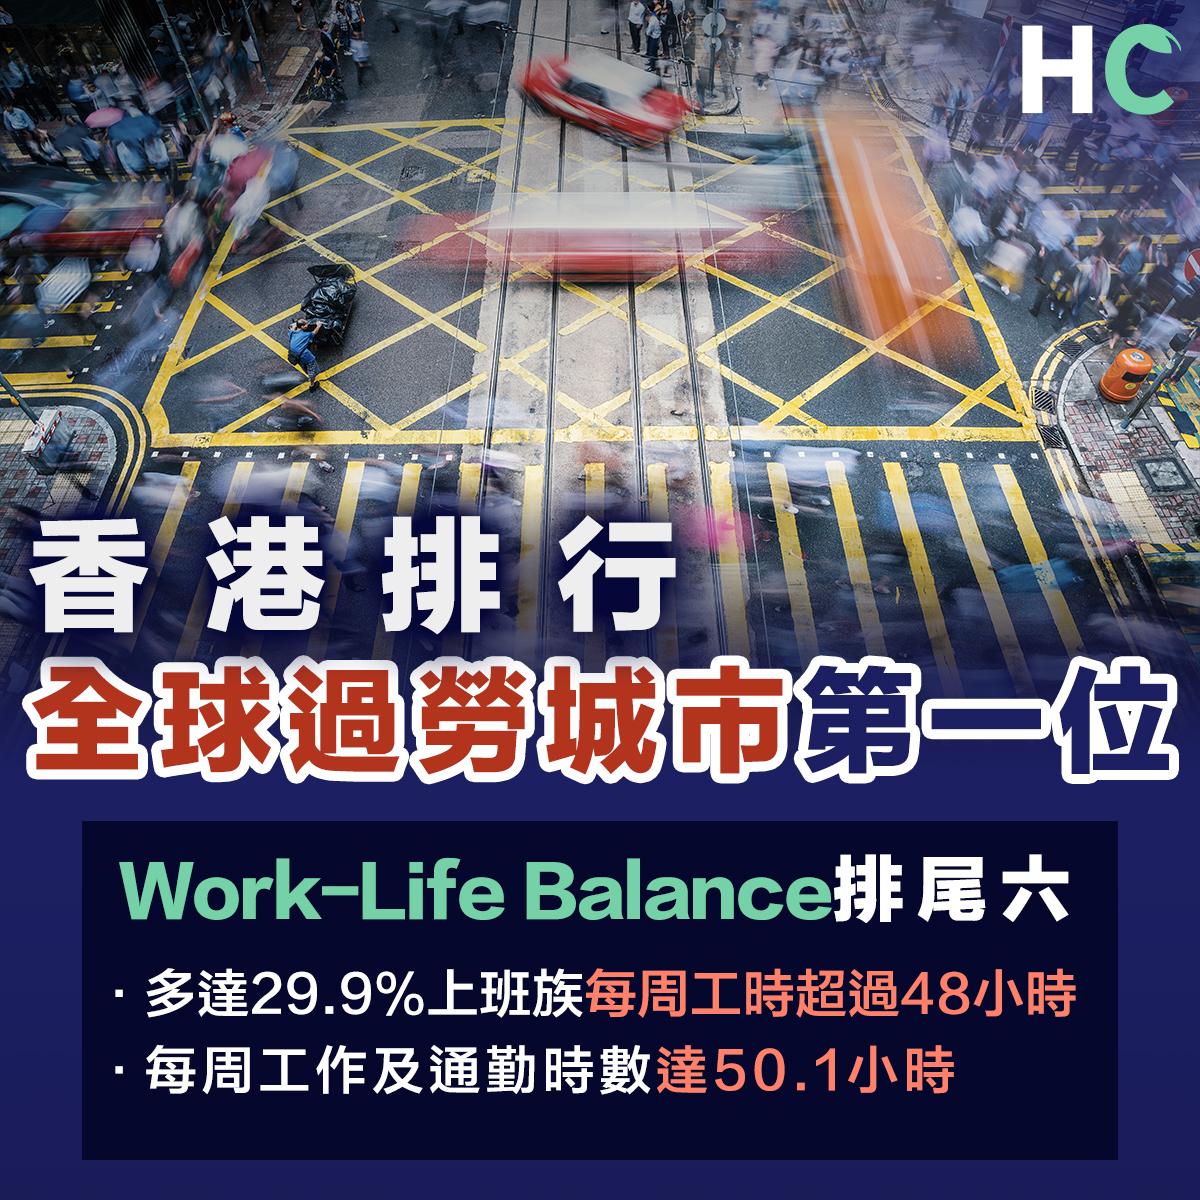 香港排行「全球過勞城市」第一位 Work-life balance排尾6